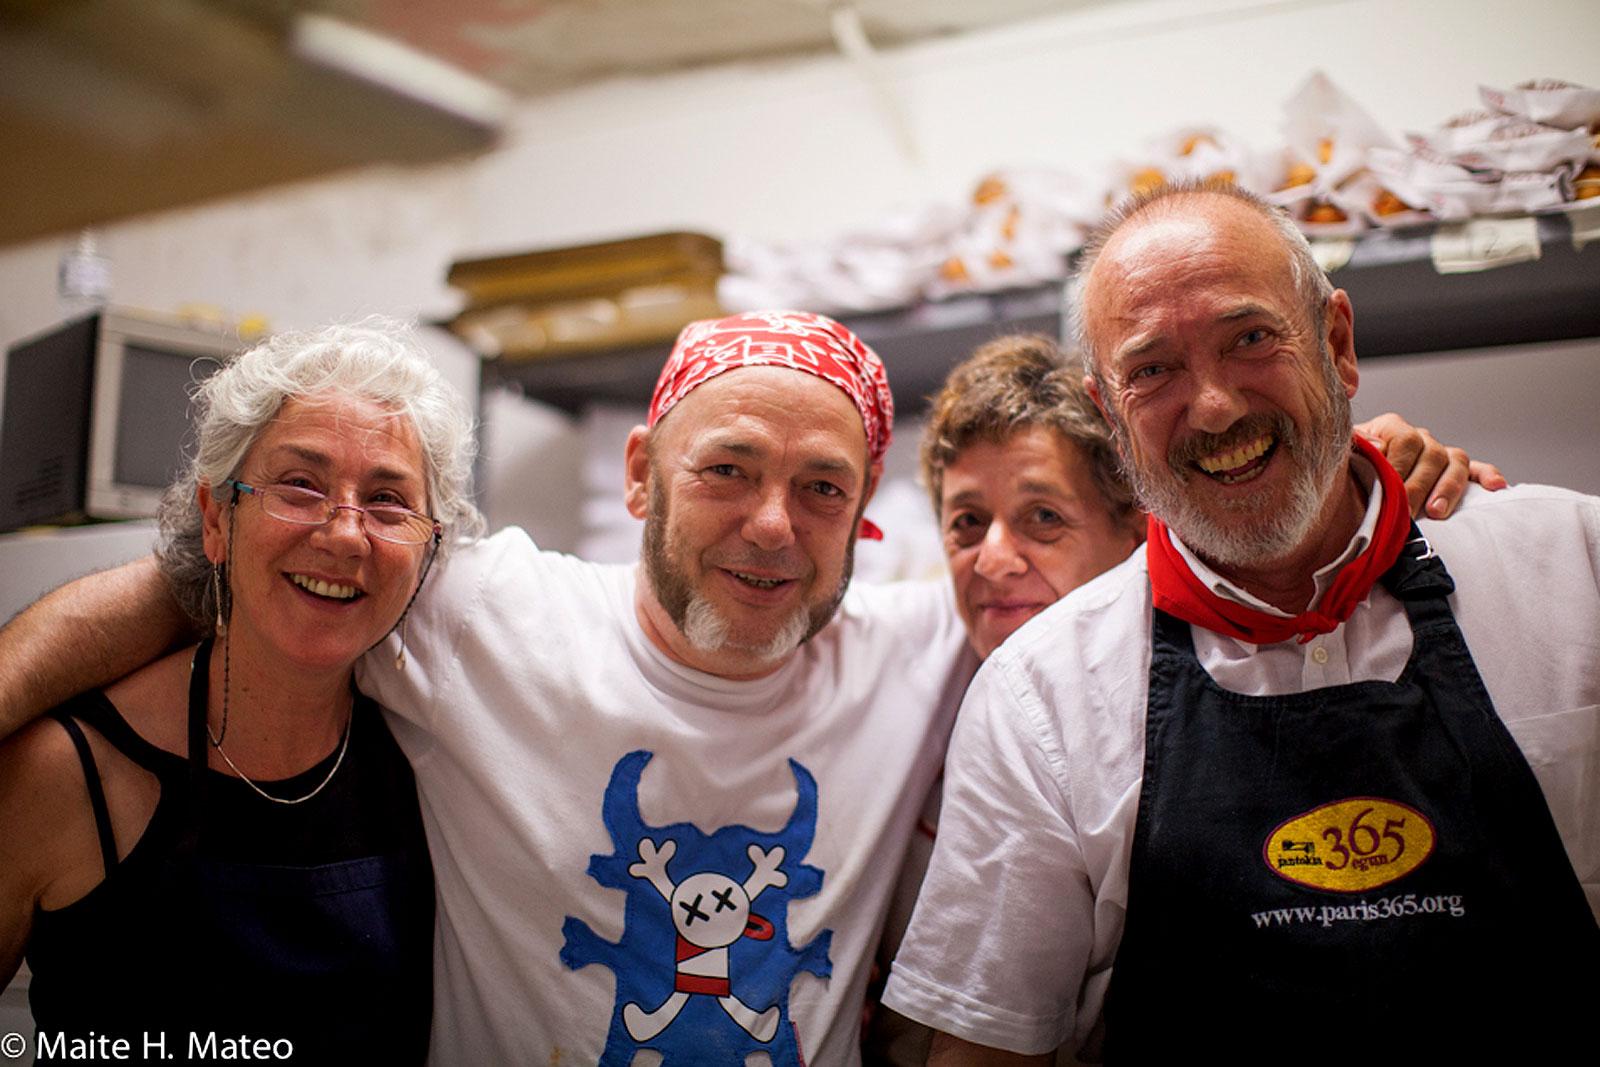 El comedor social par s 365 busca completar sus turnos - Comedor solidario paris 365 ...